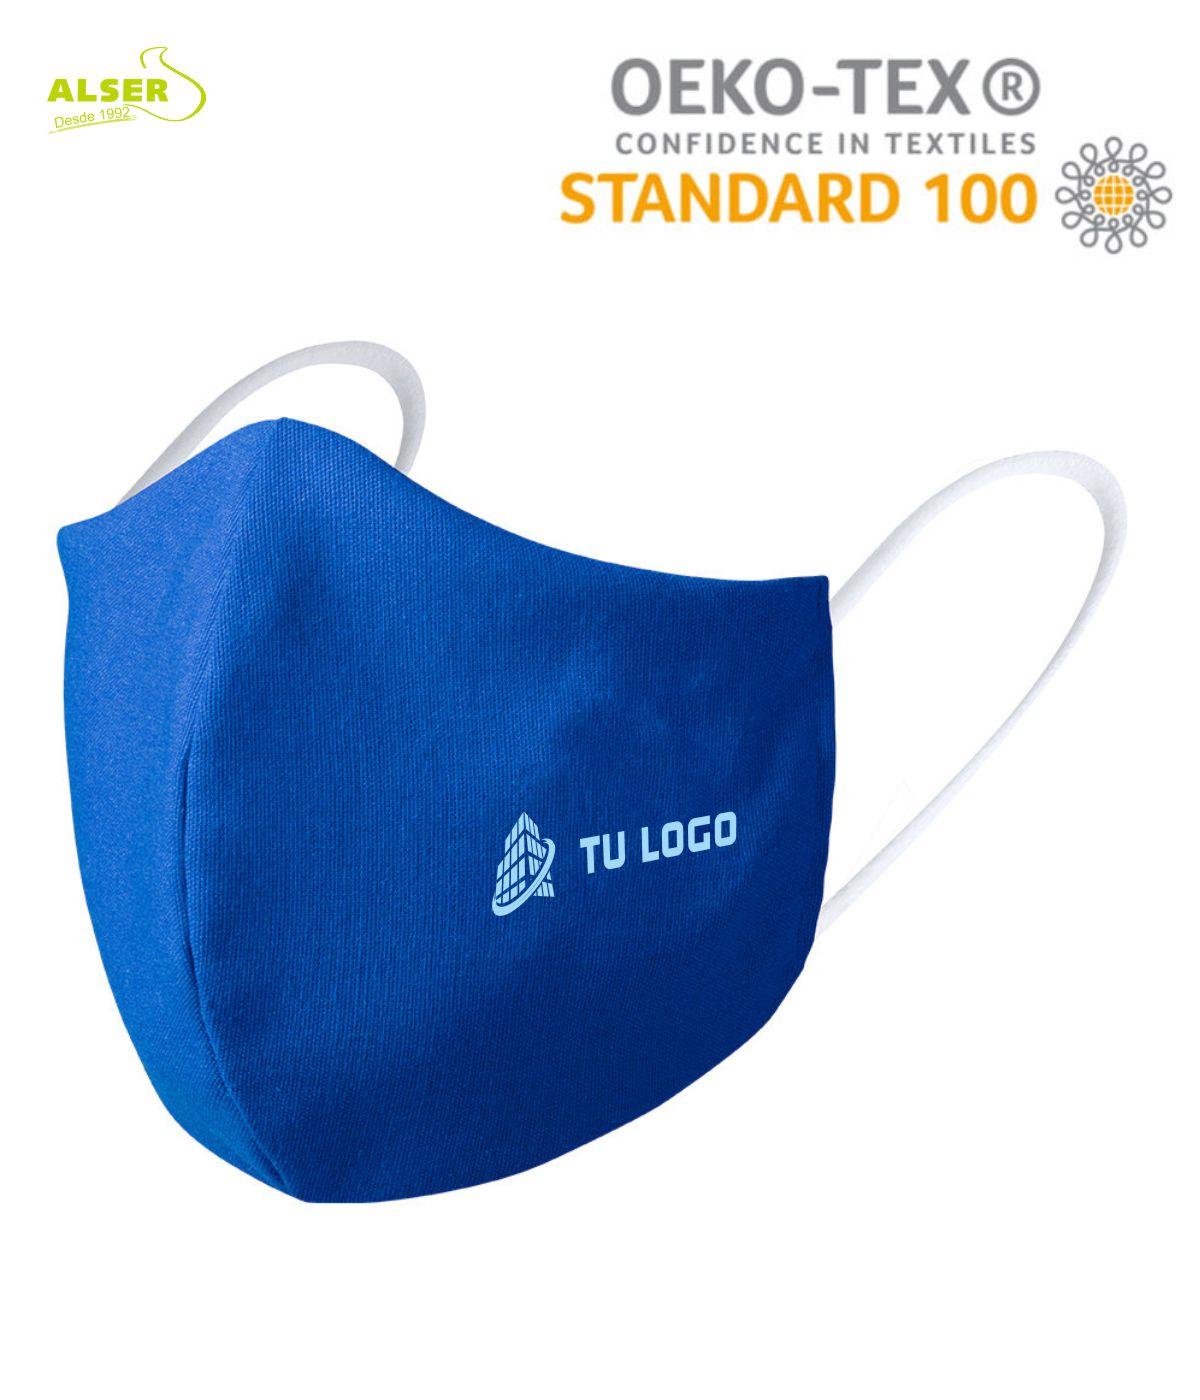 Mascarilla reutilizable con logo azul